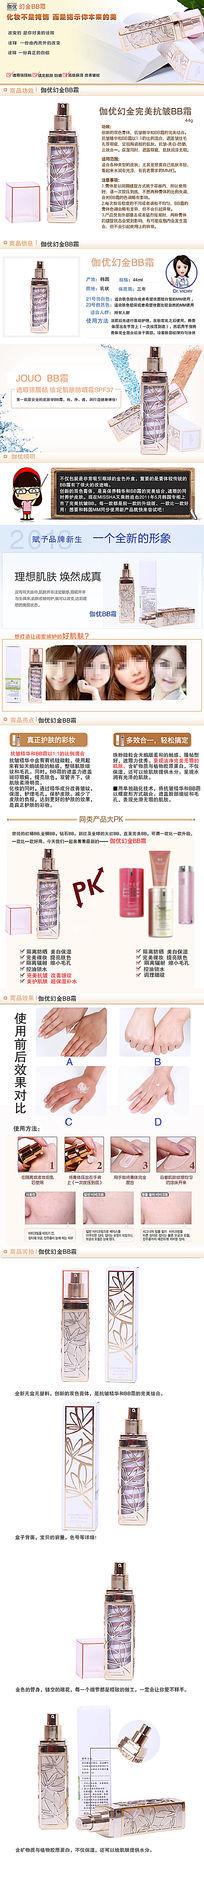 淘宝化妆品宝贝详情页模版